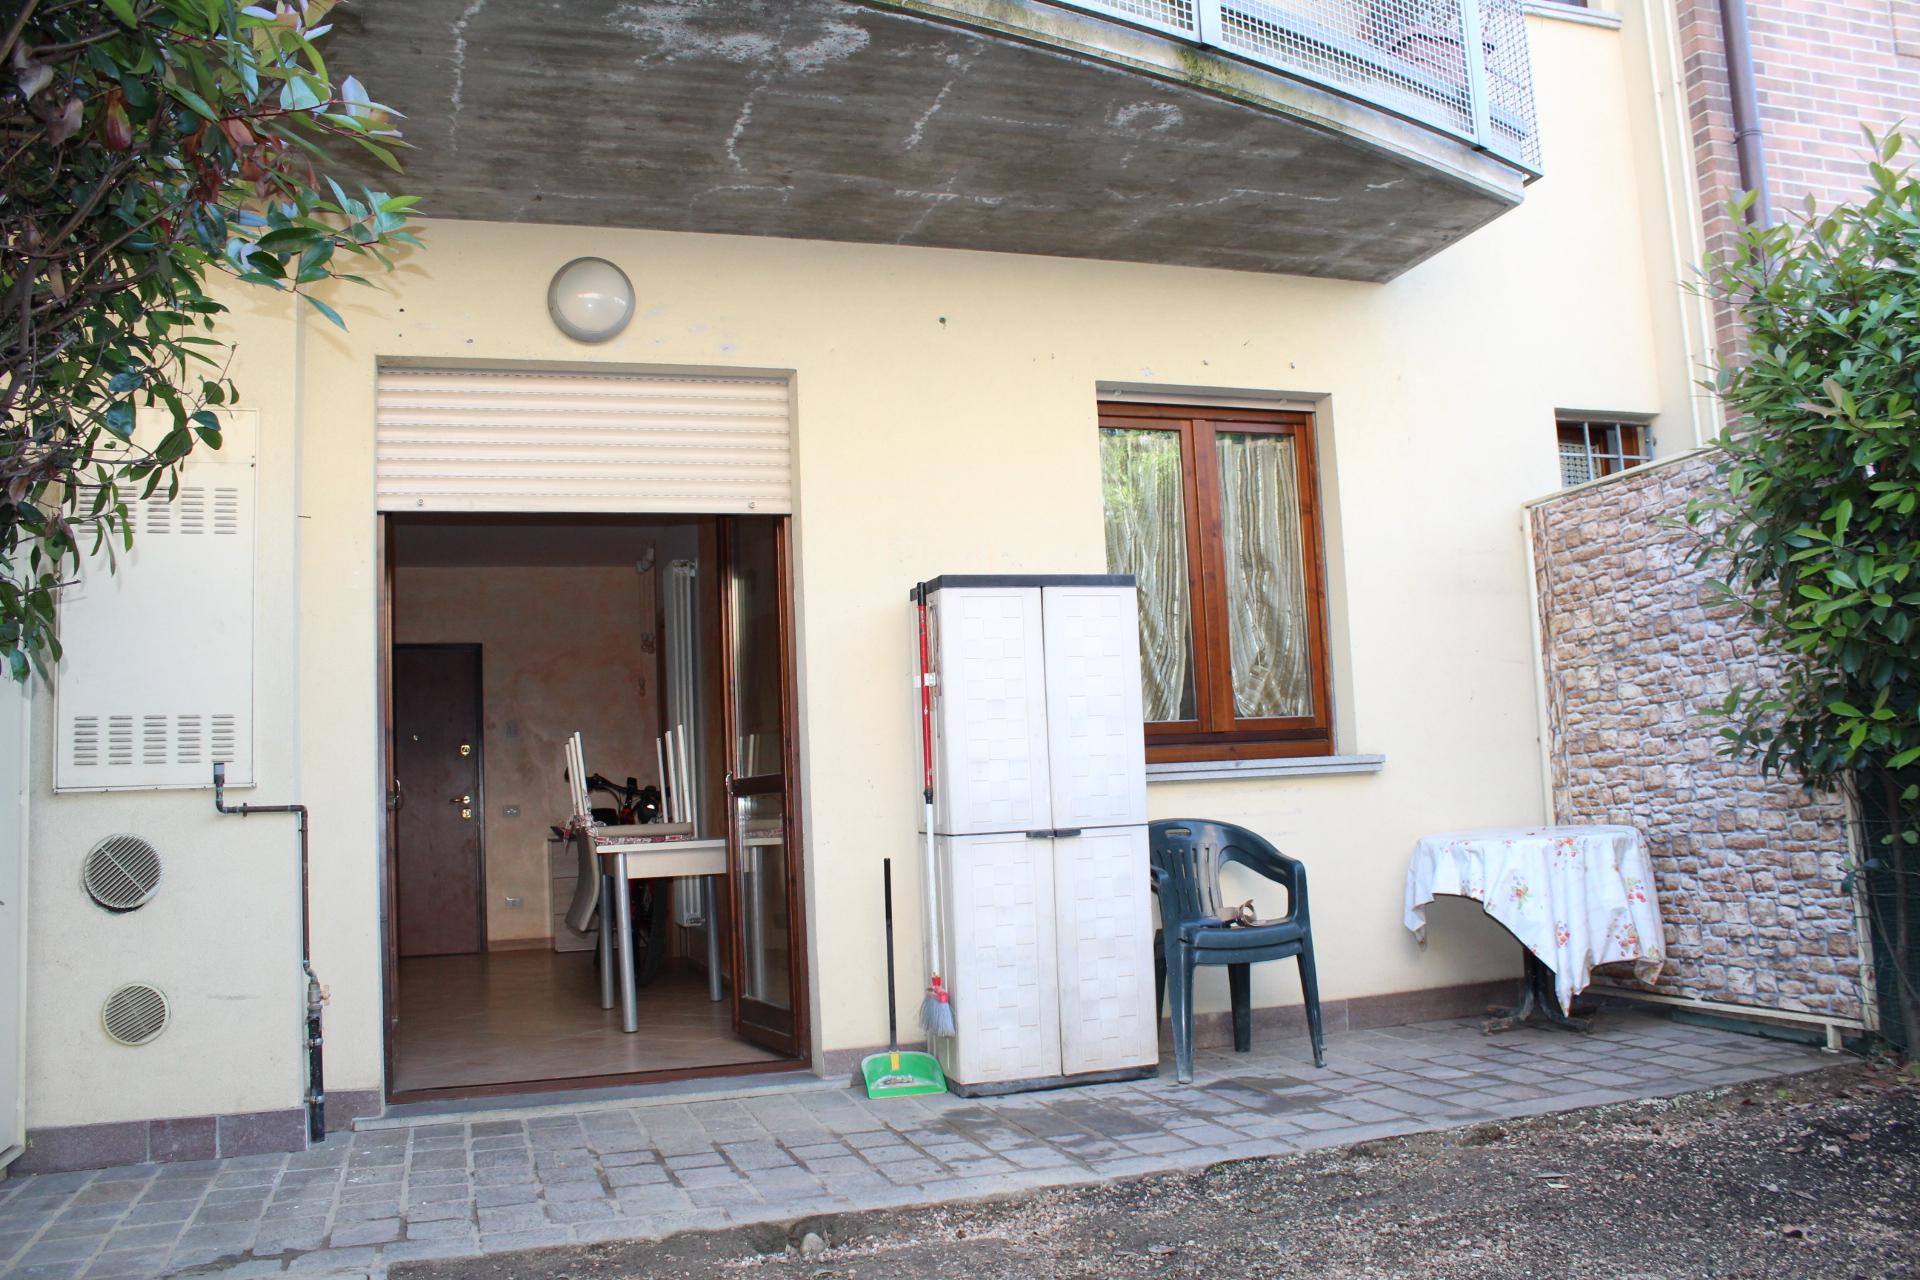 Affitto casa con giardino bergamo a immobiliare agenzia immobiliare nembro - Case in affitto con giardino ...